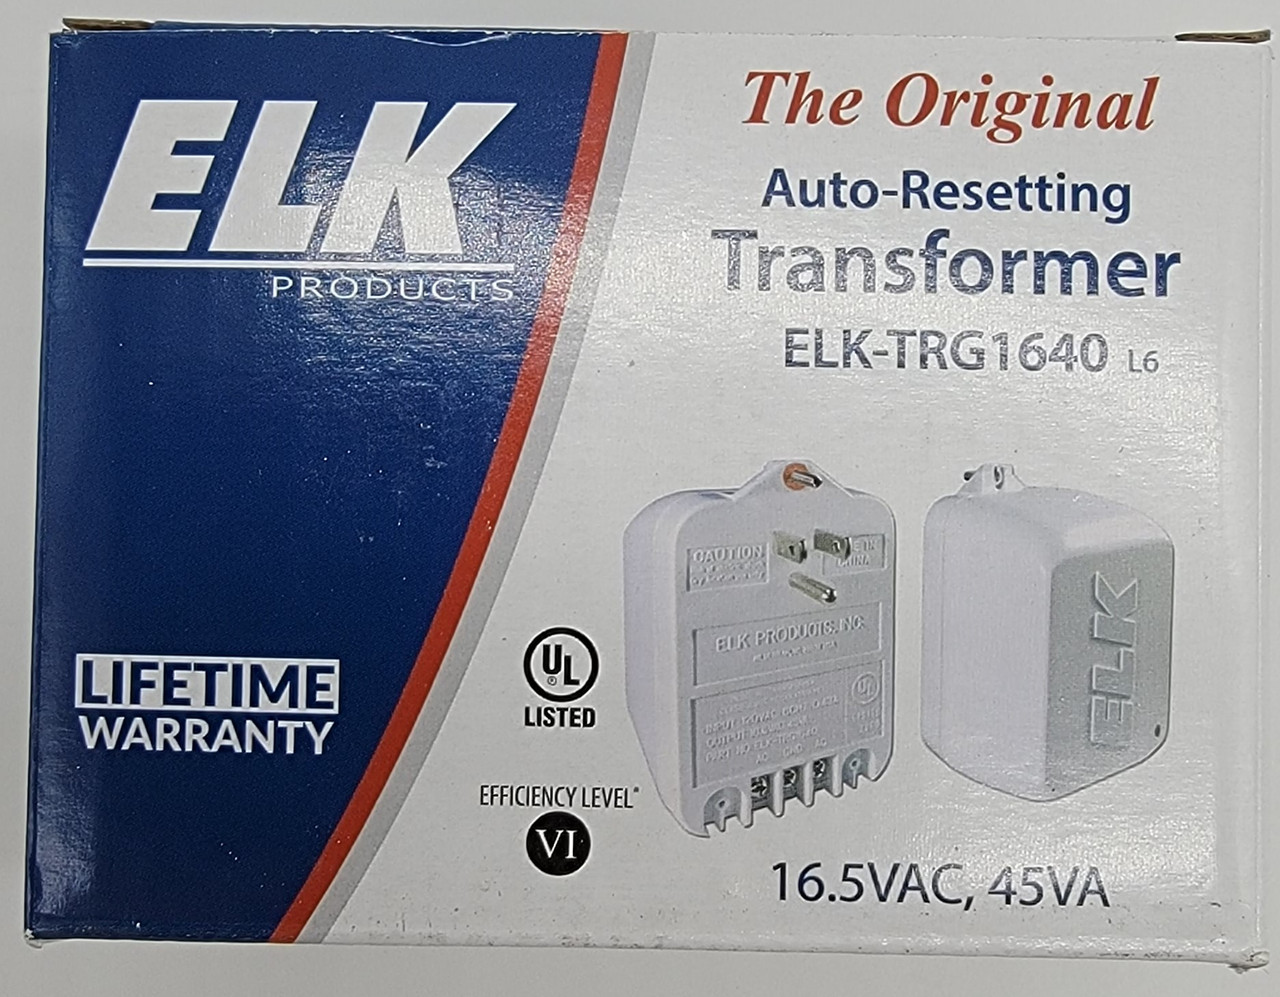 ELK Auto-Resetting 16.5VAC 45VA Transformer ELK-TRG1640